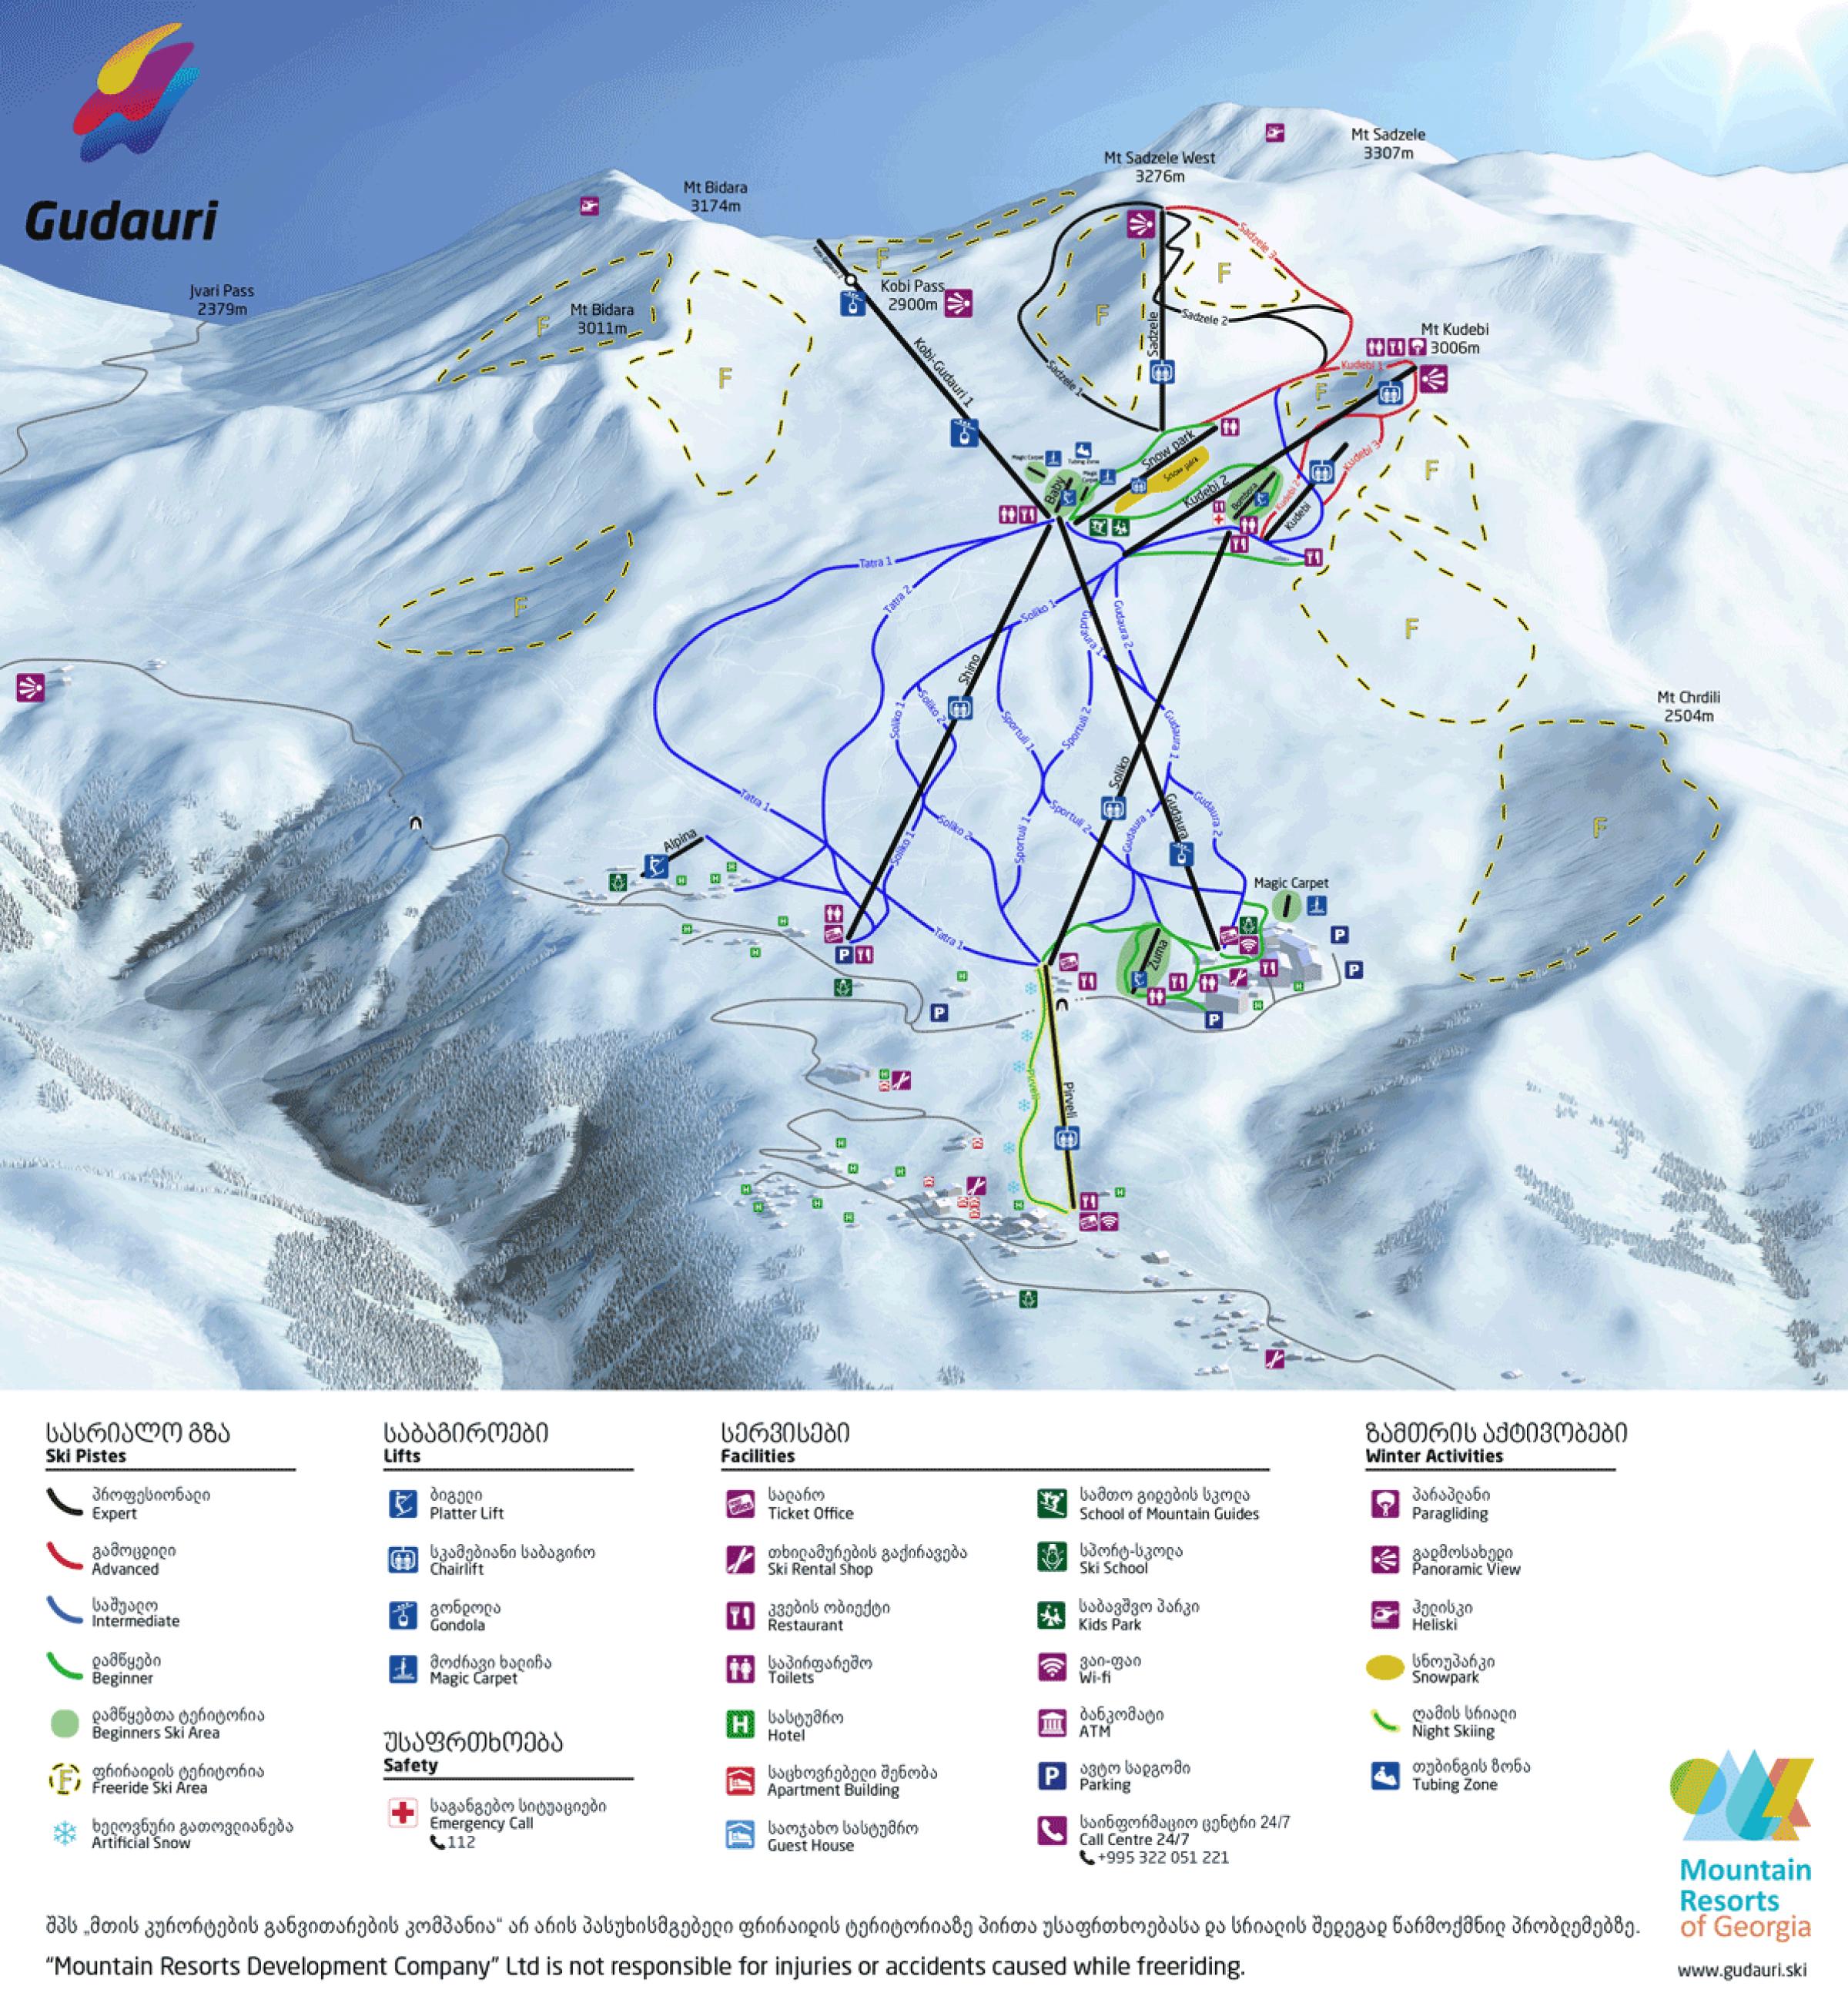 Карта трасс Гудаури. Источник: сайт Гудаури